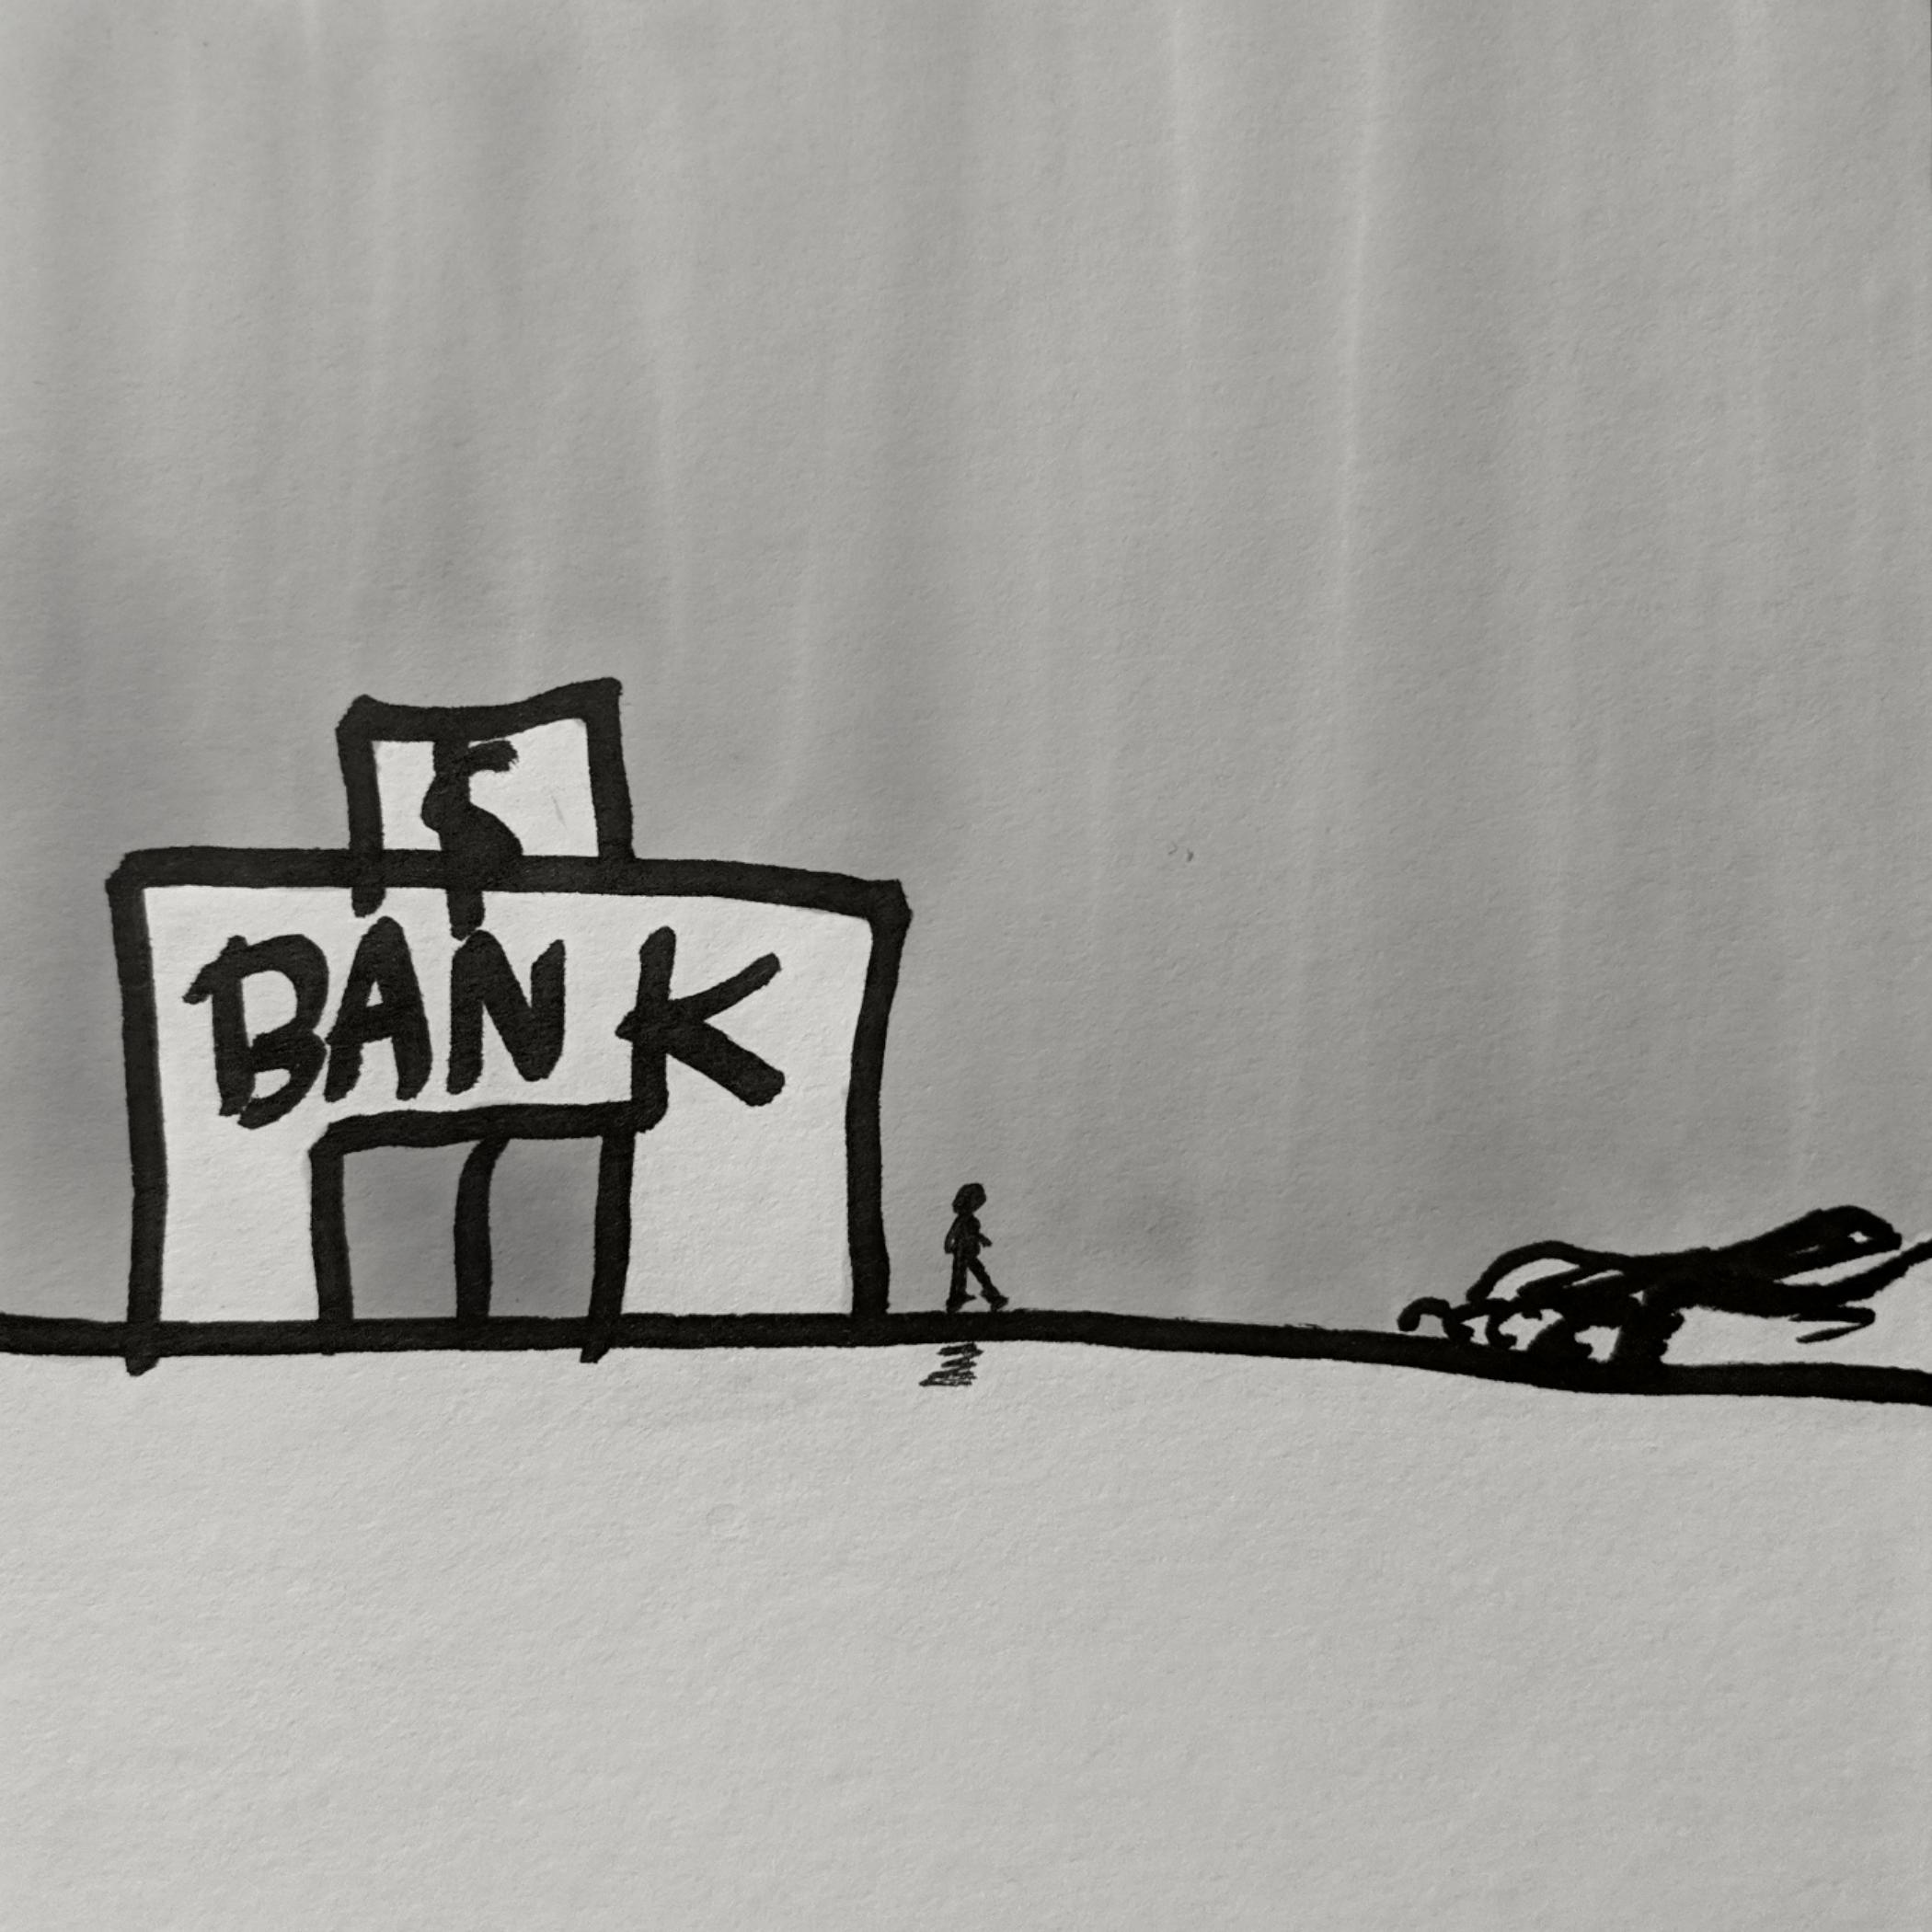 Bank Dirt_03.png